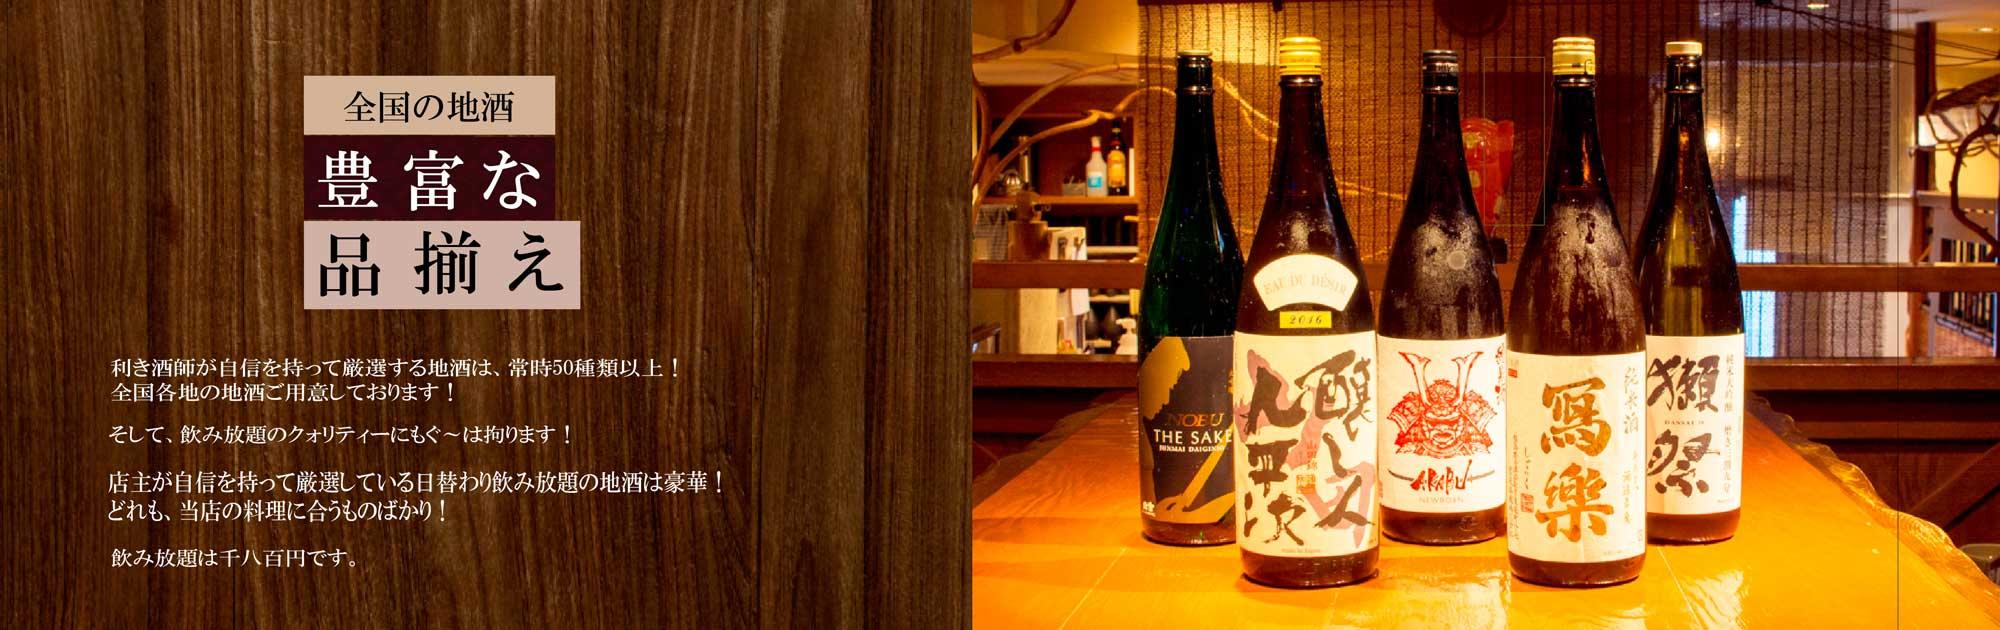 ■銘酒「十四代」「獺祭」「田酒」をご用意しております。『ぐ~』では「十四代」や「獺祭」など最高に贅沢な地酒をご用意しております。 特に口開けの一杯は、先着一名様のみに許された贅沢です。『ぐ~』の飲み放題は、とにかく「質」に拘り、常時30種類以上の「地酒」や女性にも人気の「果実酒」など、大変お得な内容となっております。 遅い時間のスタートやもう少しだけ飲みたい時にもぜひ「酒と肴 ぐ~」へ。